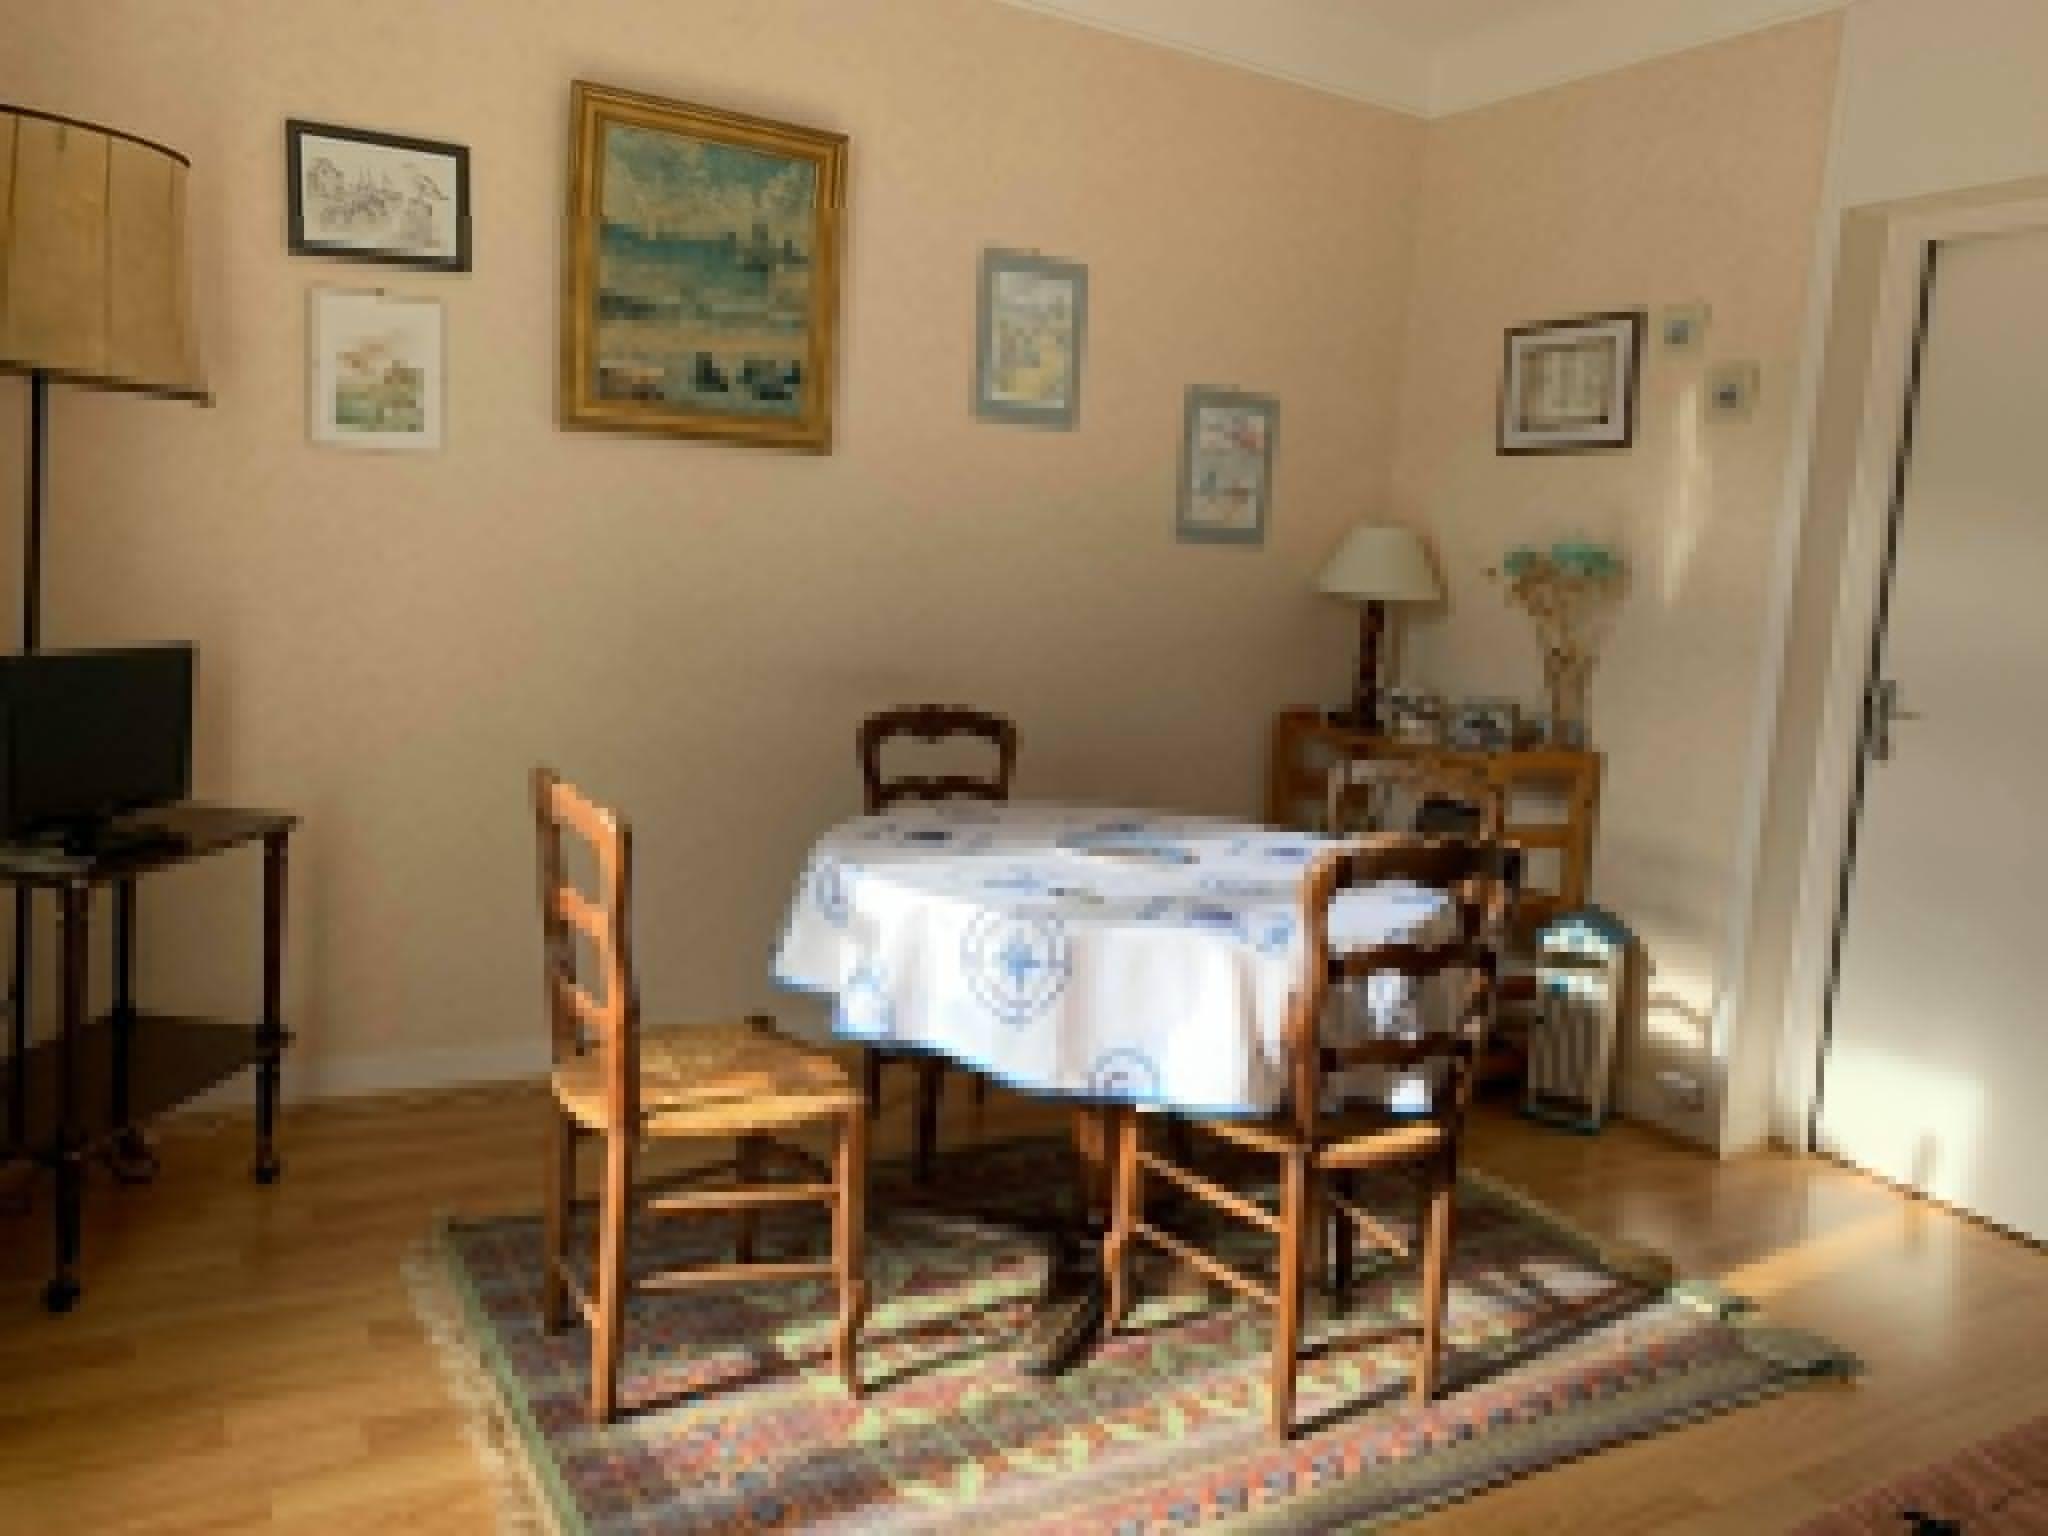 Vente appartement t3 41 m² residence la pergola barneville